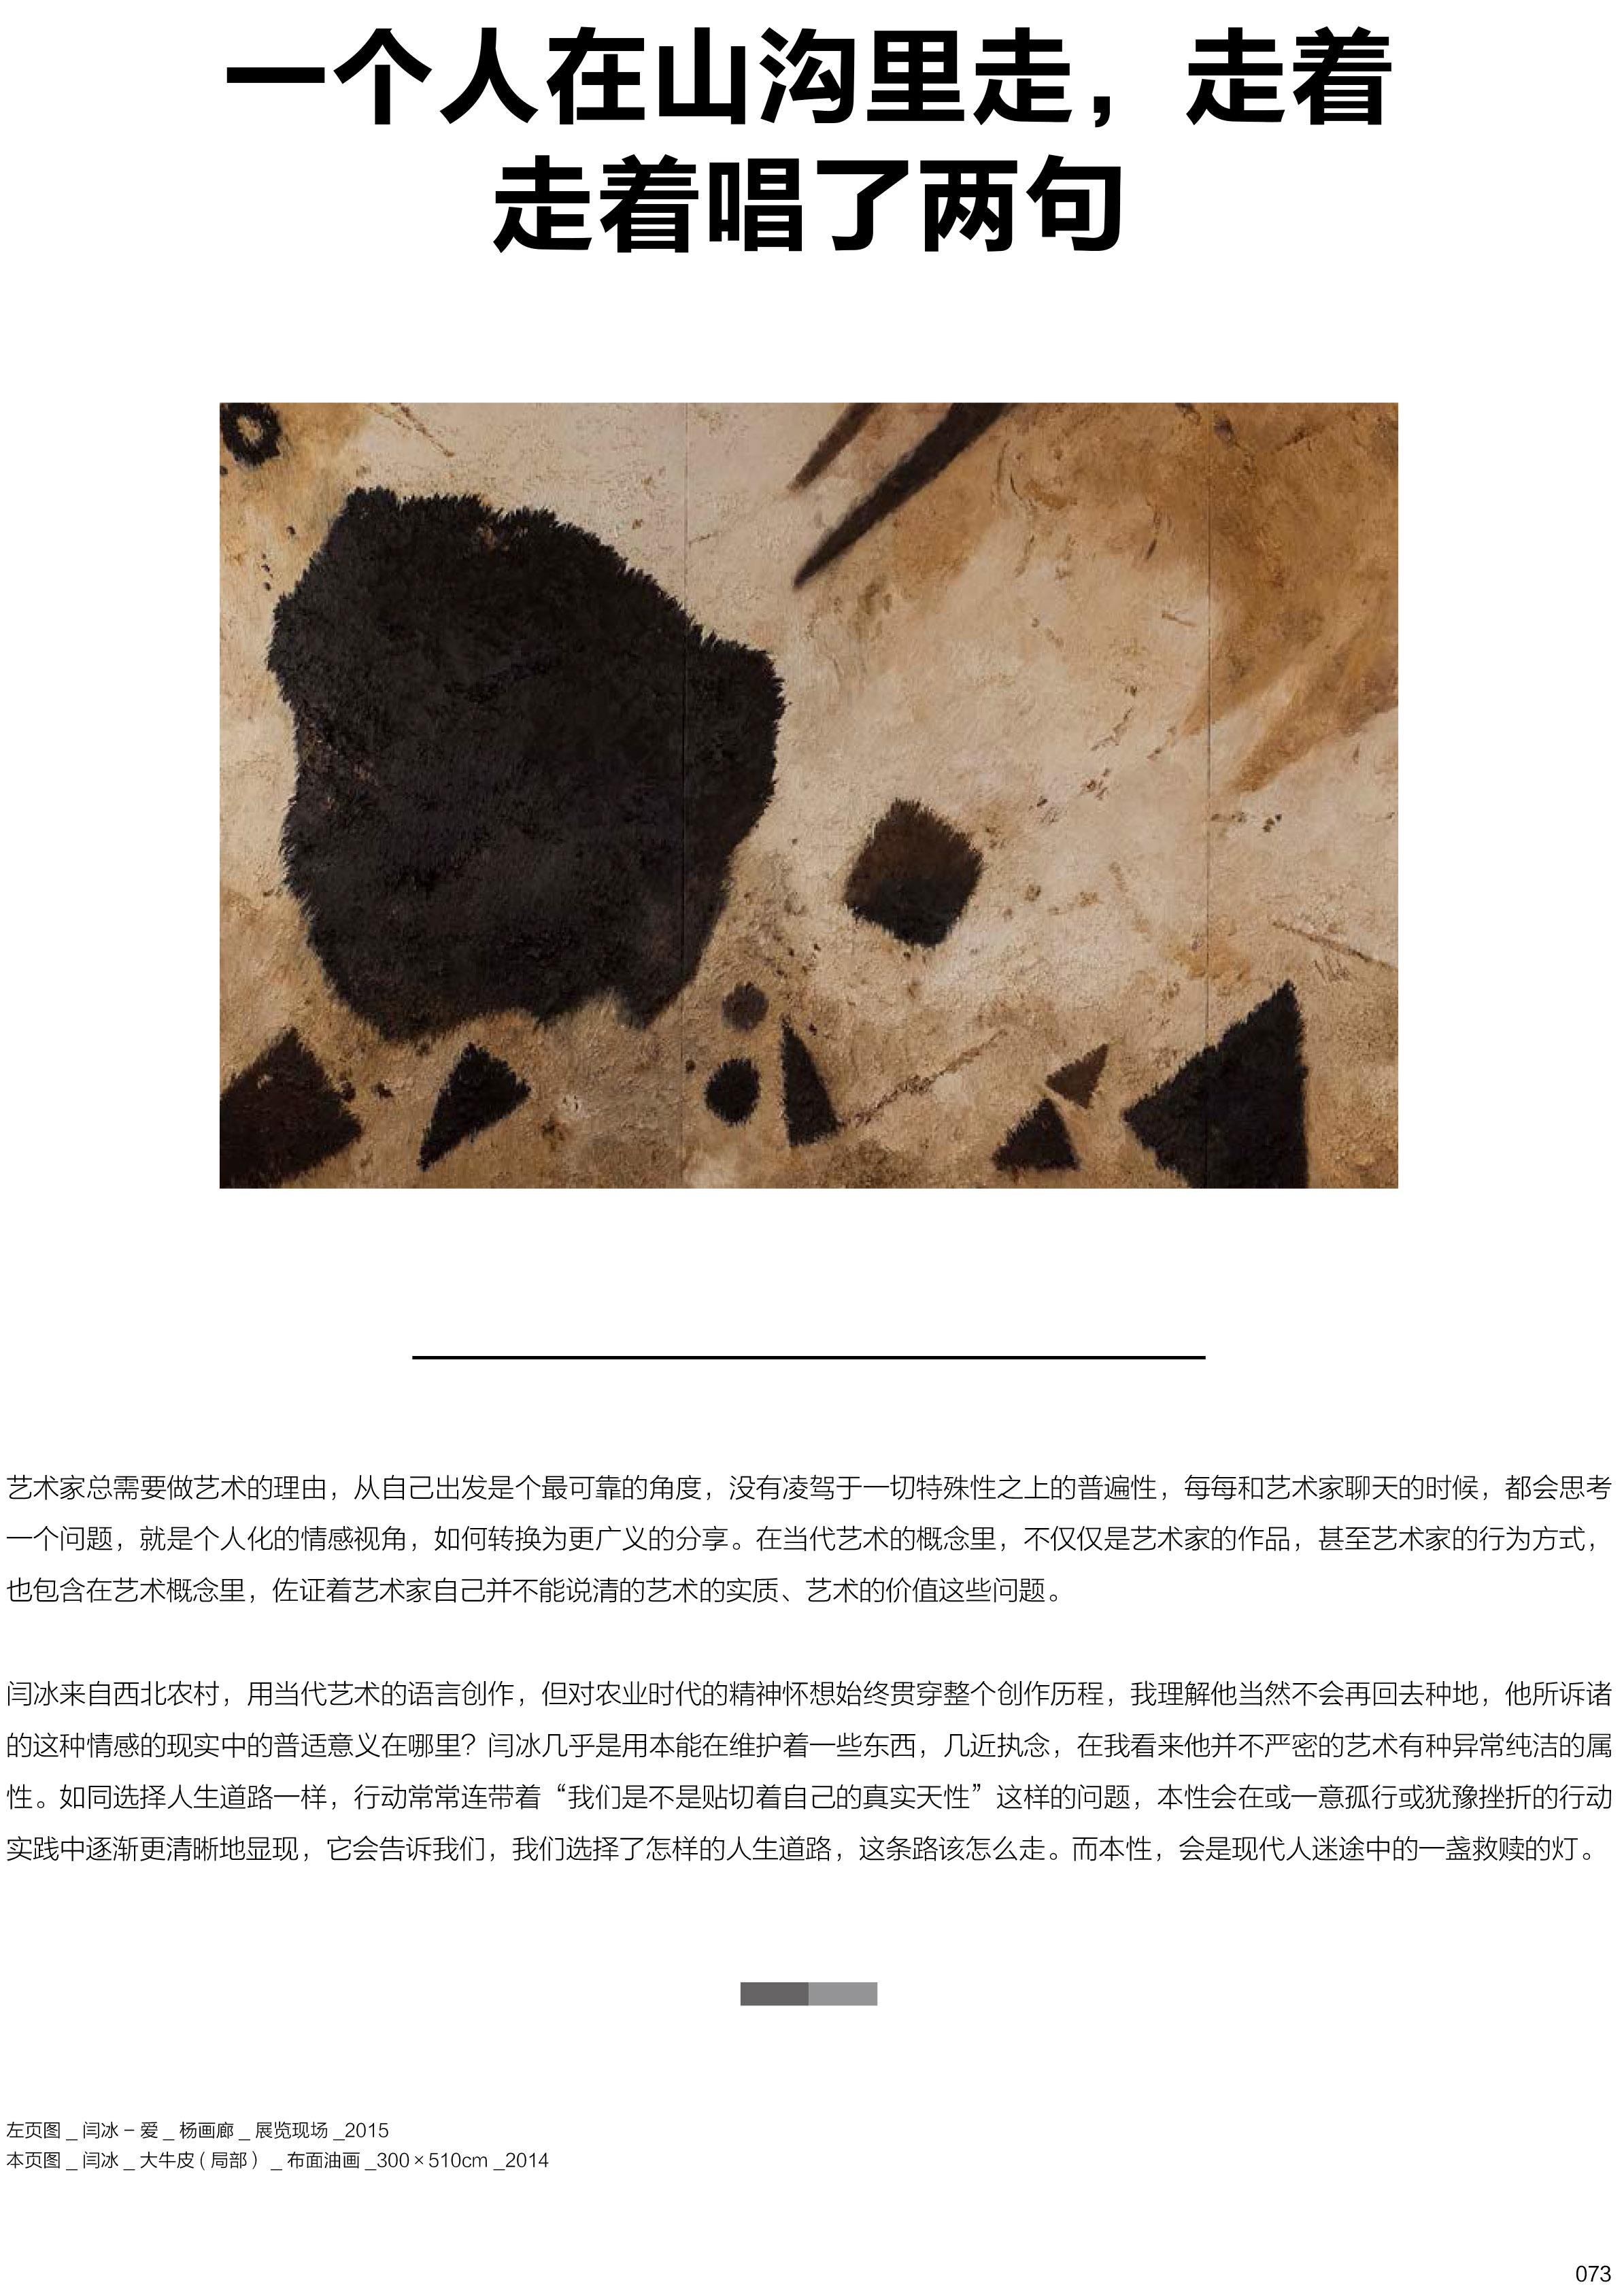 闫冰 2016-2.jpg